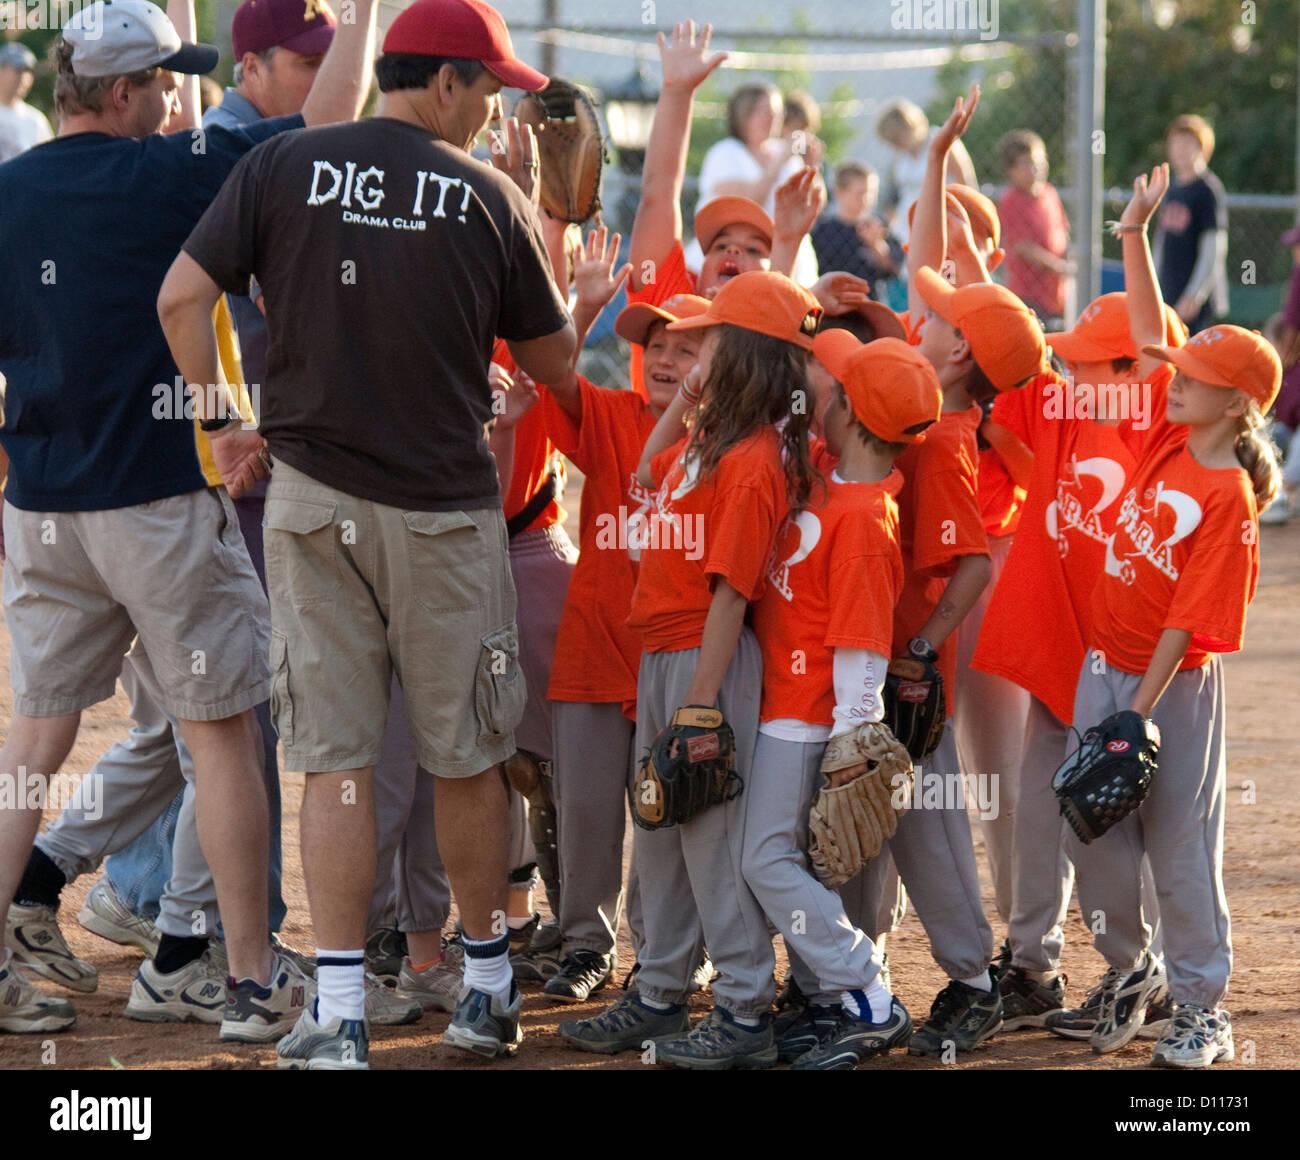 e5351c9e3b5a8 Niños y niñas mixto equipo de béisbol responder a entrenadores con manos  levantadas de 7 años